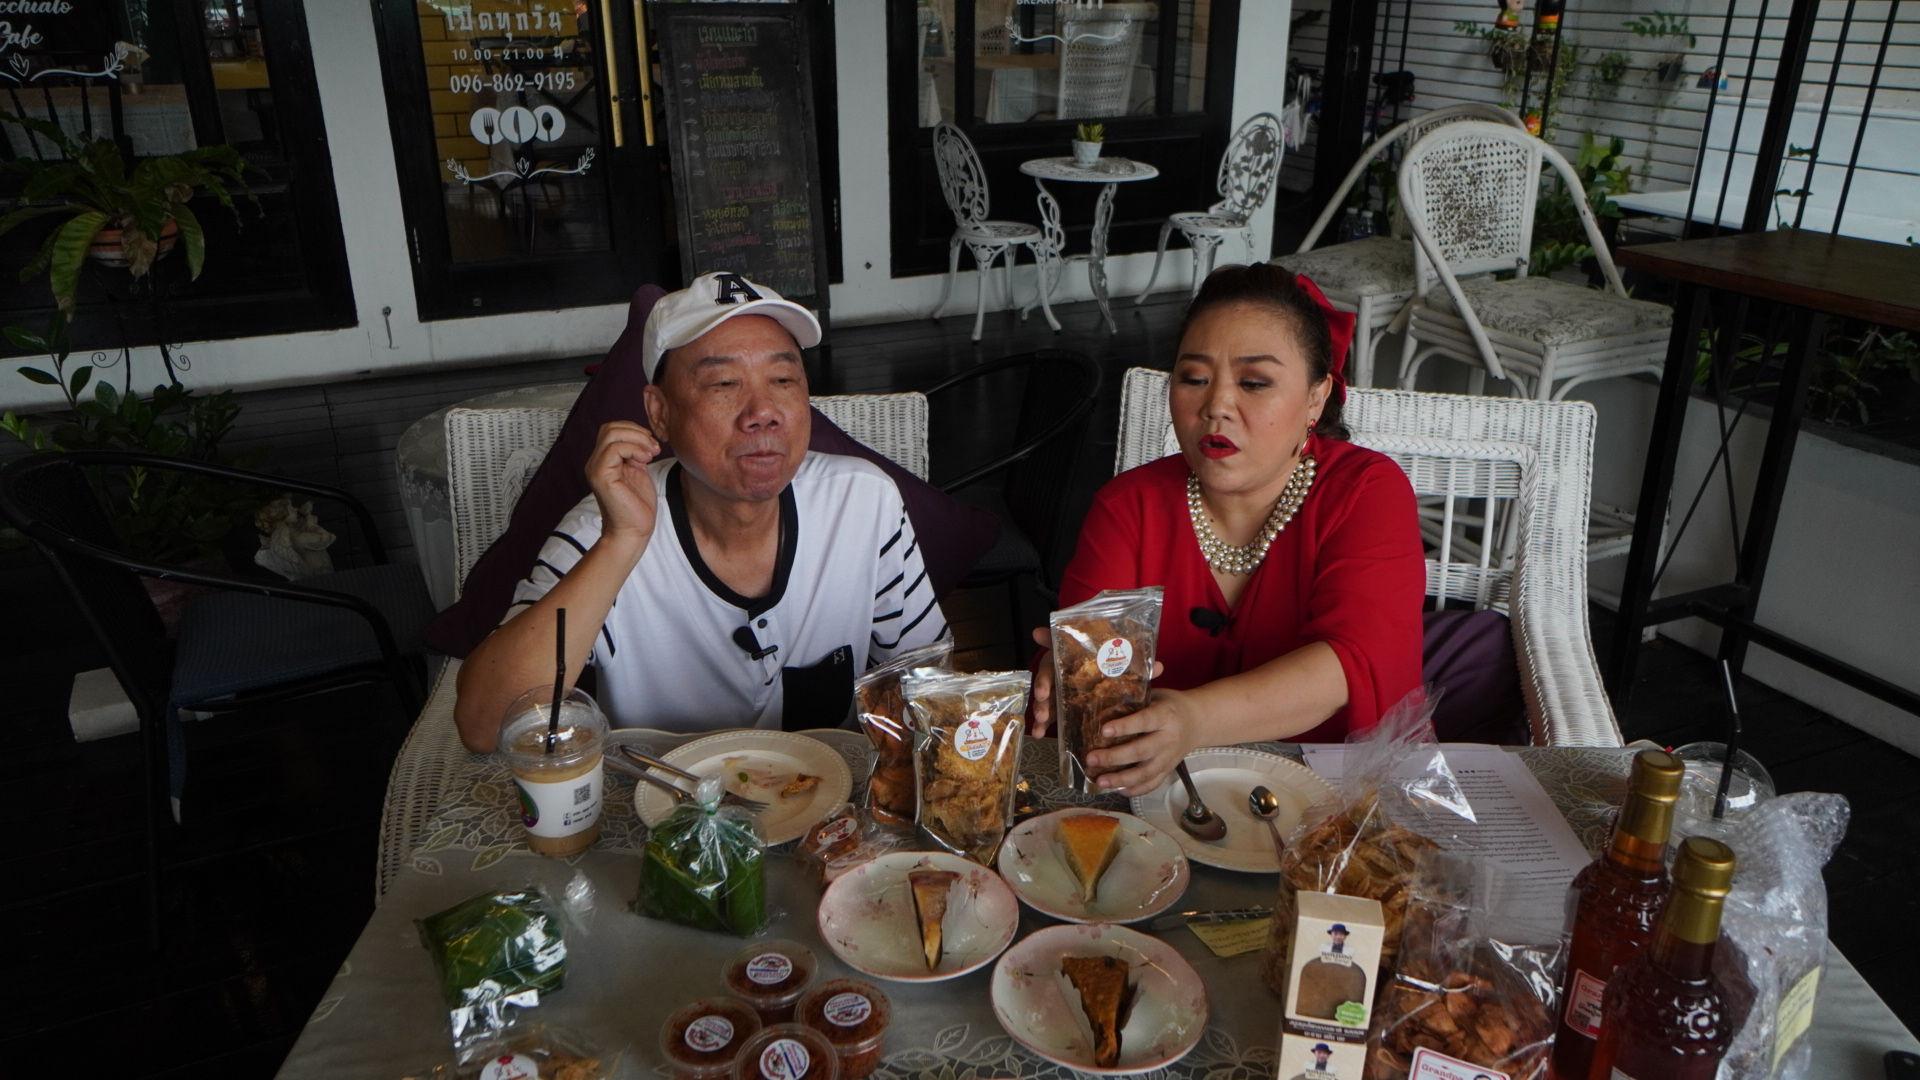 แอนนา ชวนชื่น ชวนชิมเบเกอรี่แสนอร่อย ที่ร้าน 'แอนนาคาเฟ่' | ข่าวโดย Tadoo